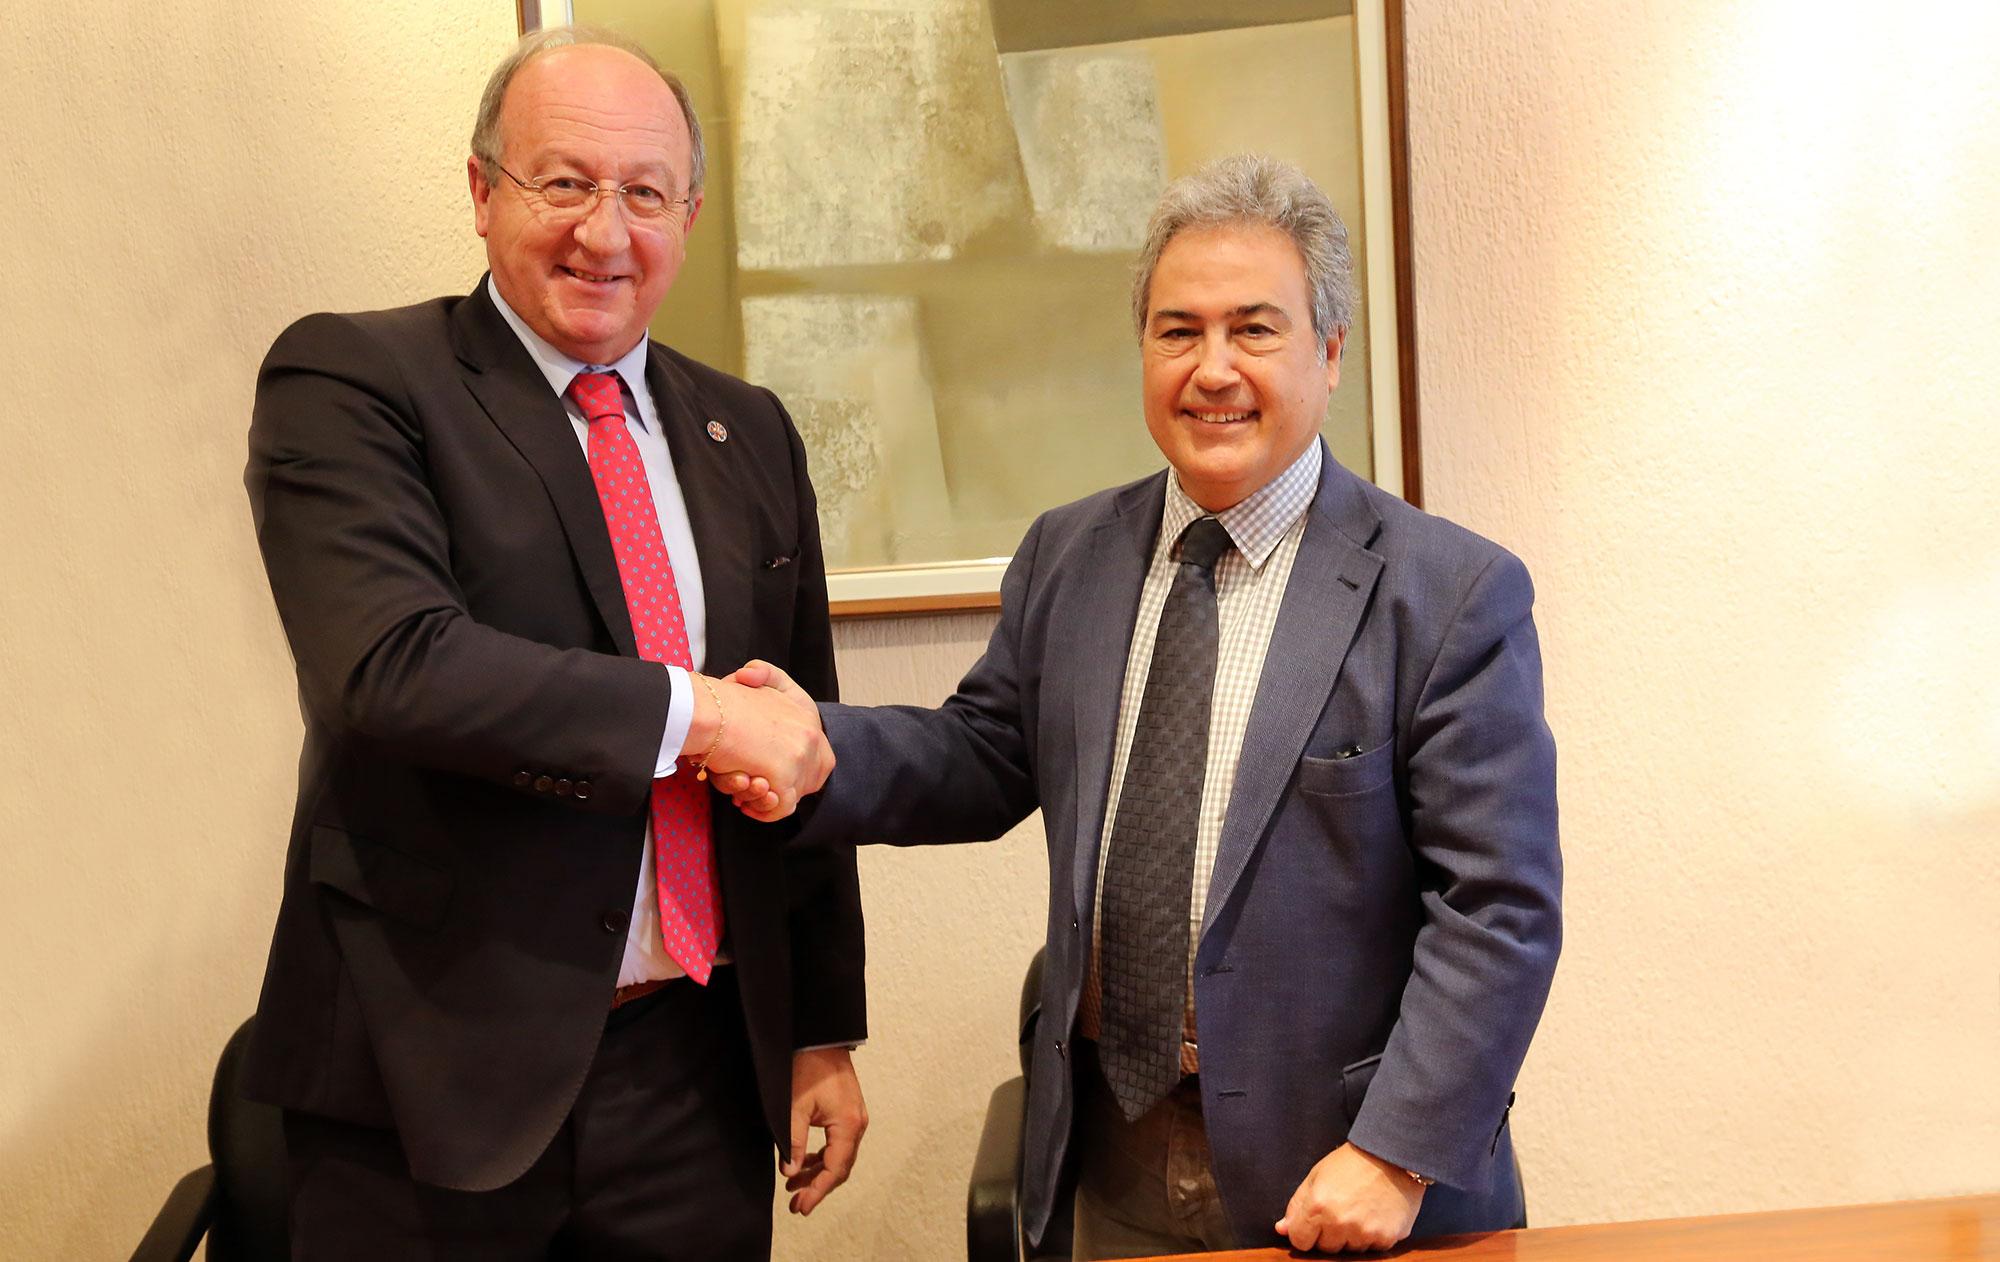 Convenio de colaboración entre la Universidad de Málaga y la institución científica Carlomagno